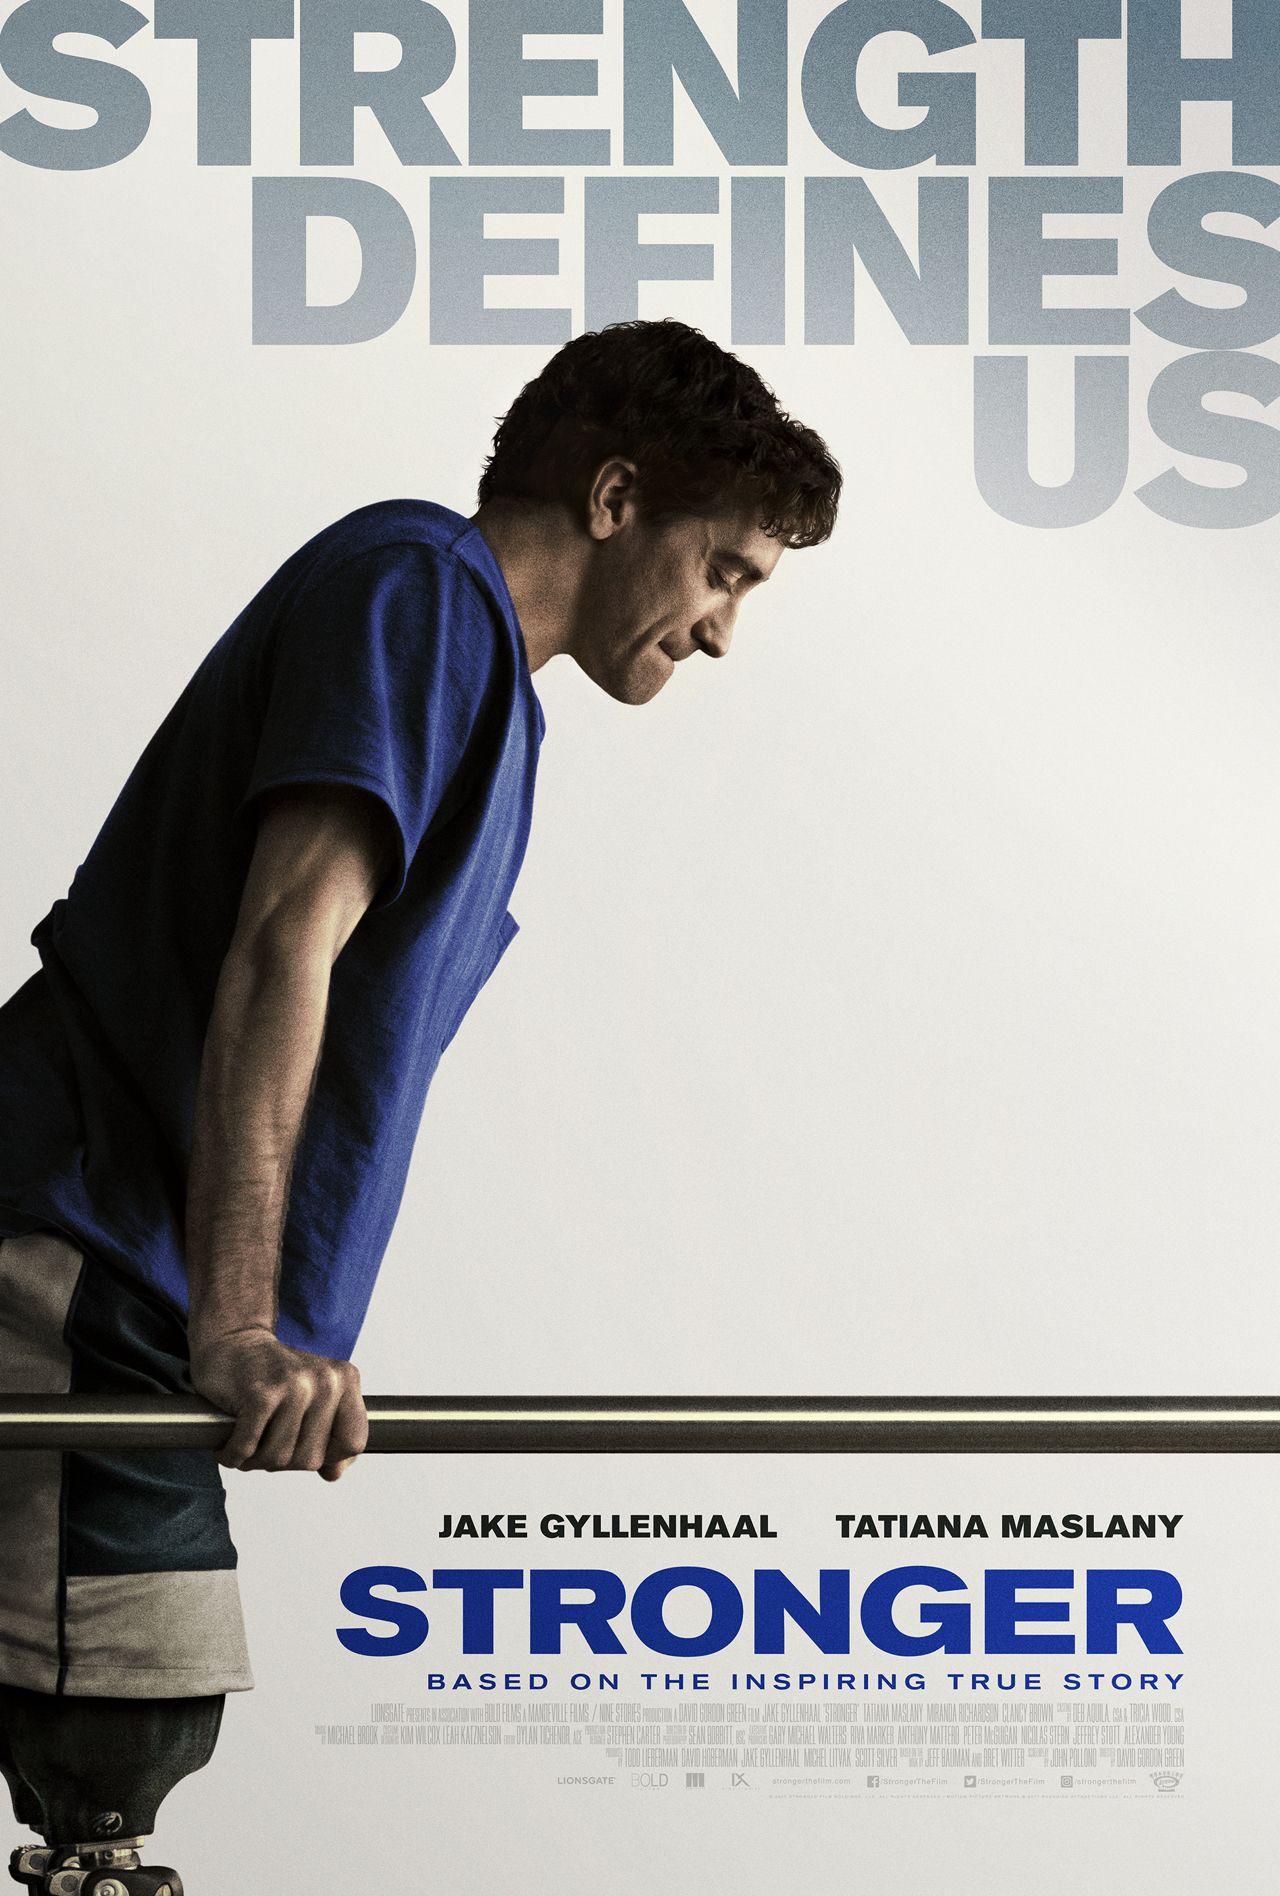 STRONGER starring Jake Gyllenhaal & Tatiana Maslany